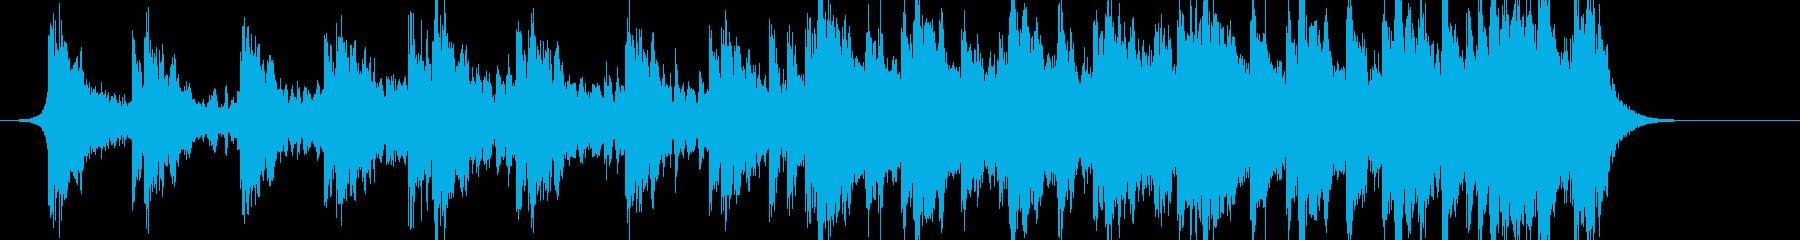 壮大で暗めなシネマティックの再生済みの波形